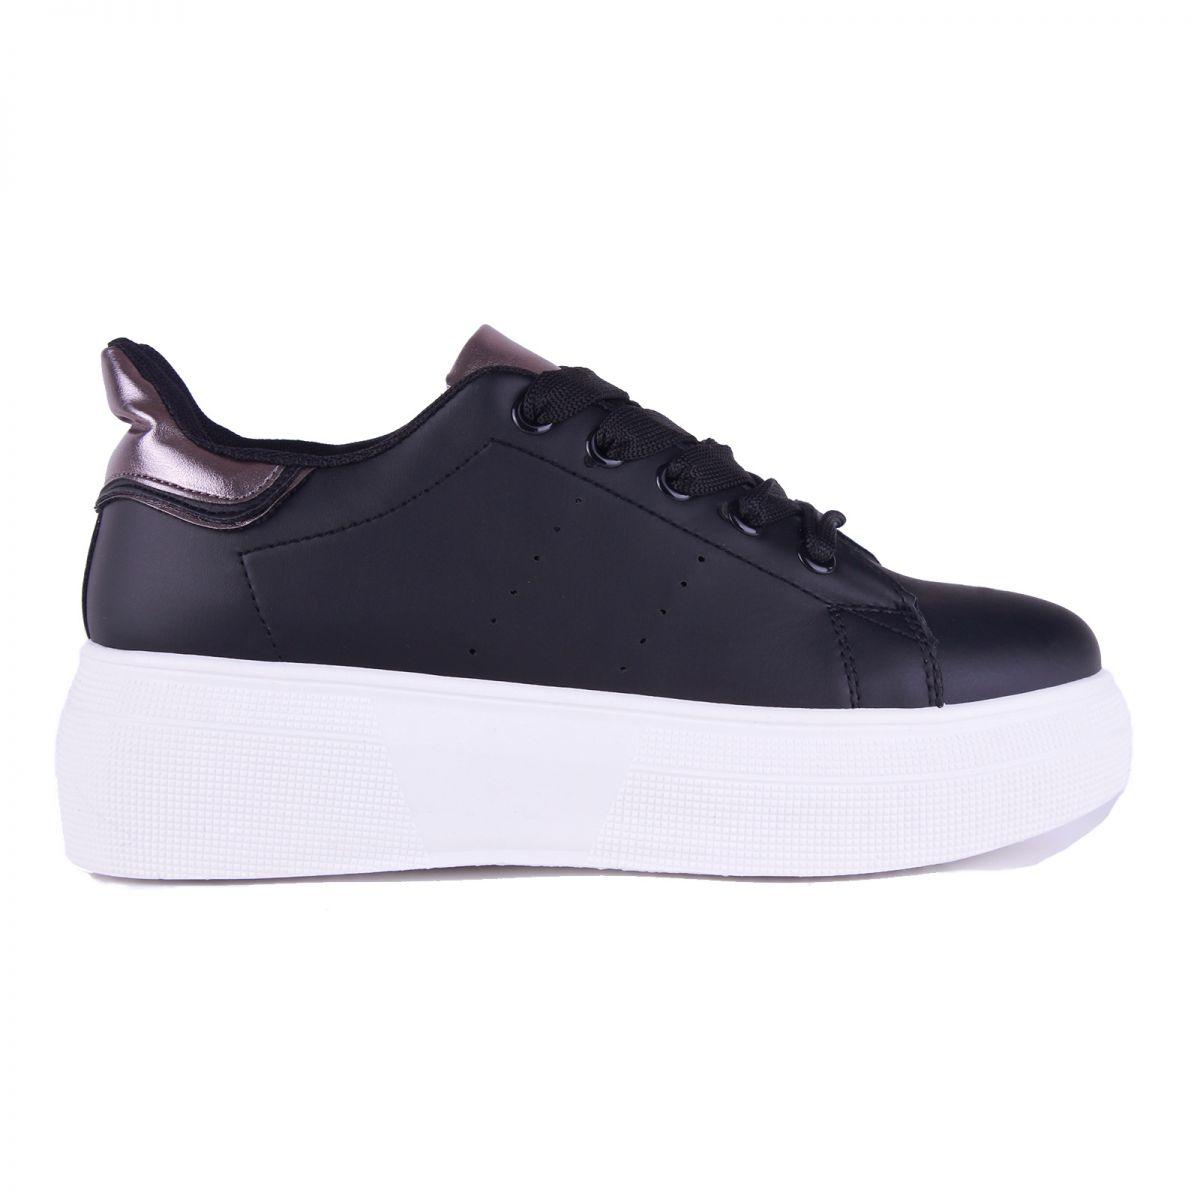 γυναικεία sneakers c8257-1 oem ΜΑΥΡΟ